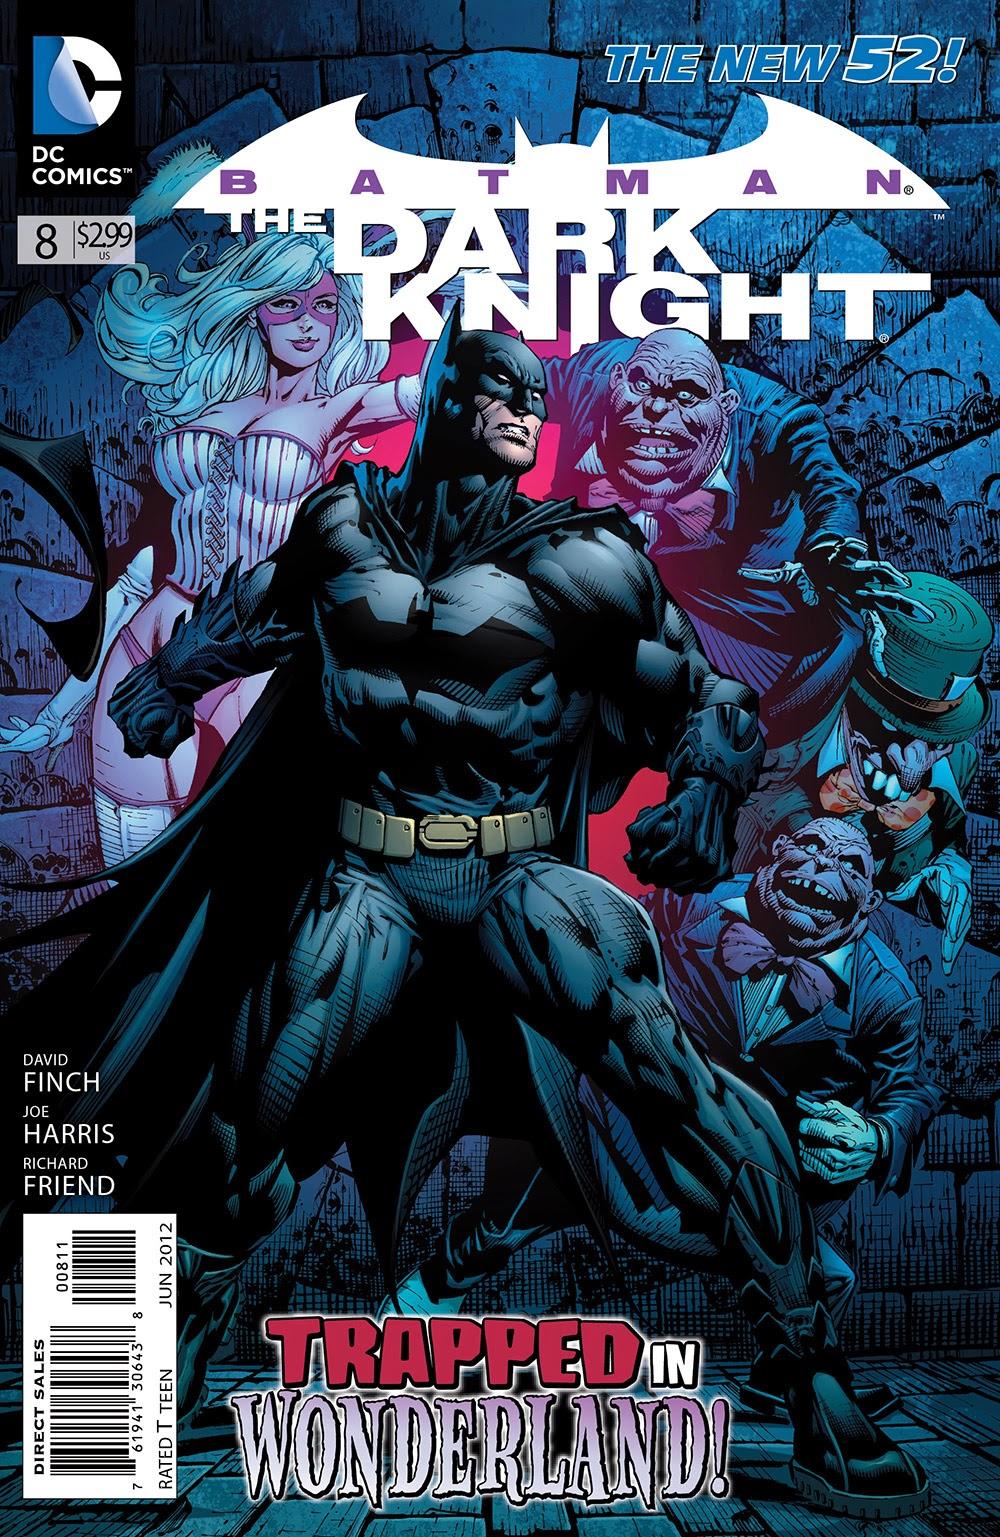 Batman Superman #29 2013 DC Comics